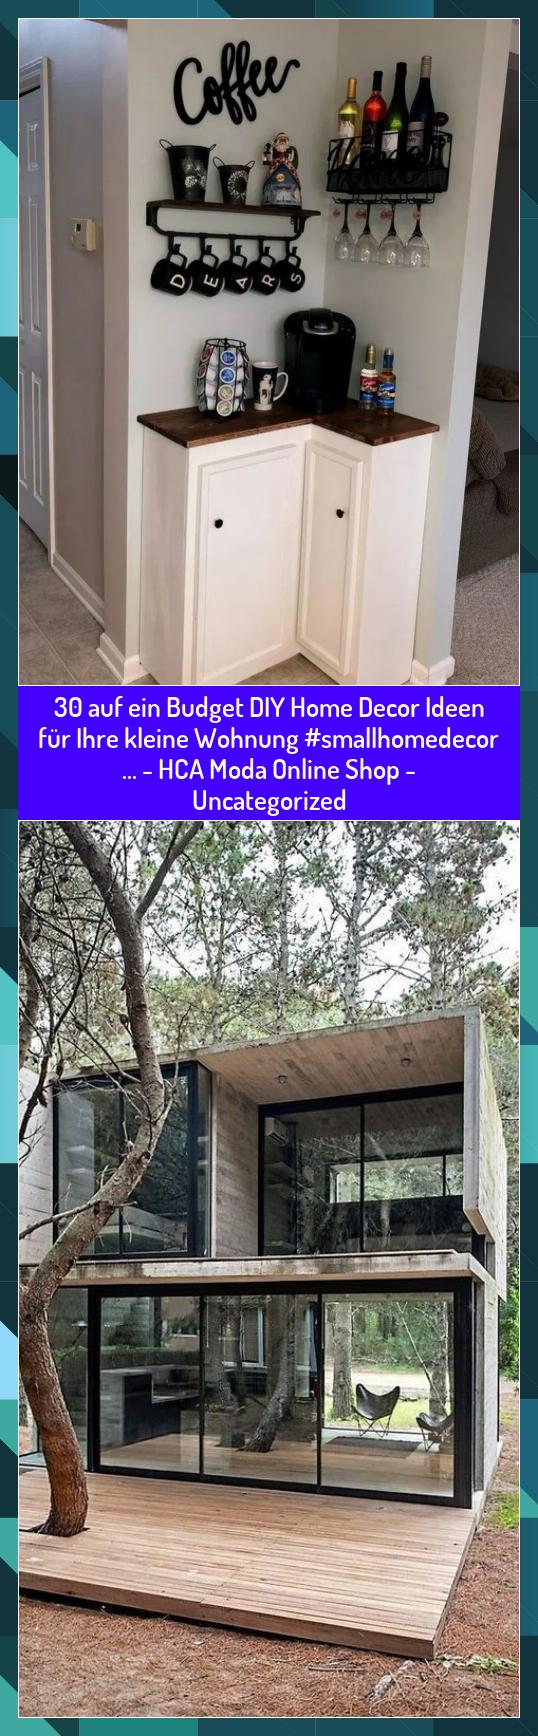 25 auf ein Budget DIY Home Decor Ideen für Ihre kleine Wohnung